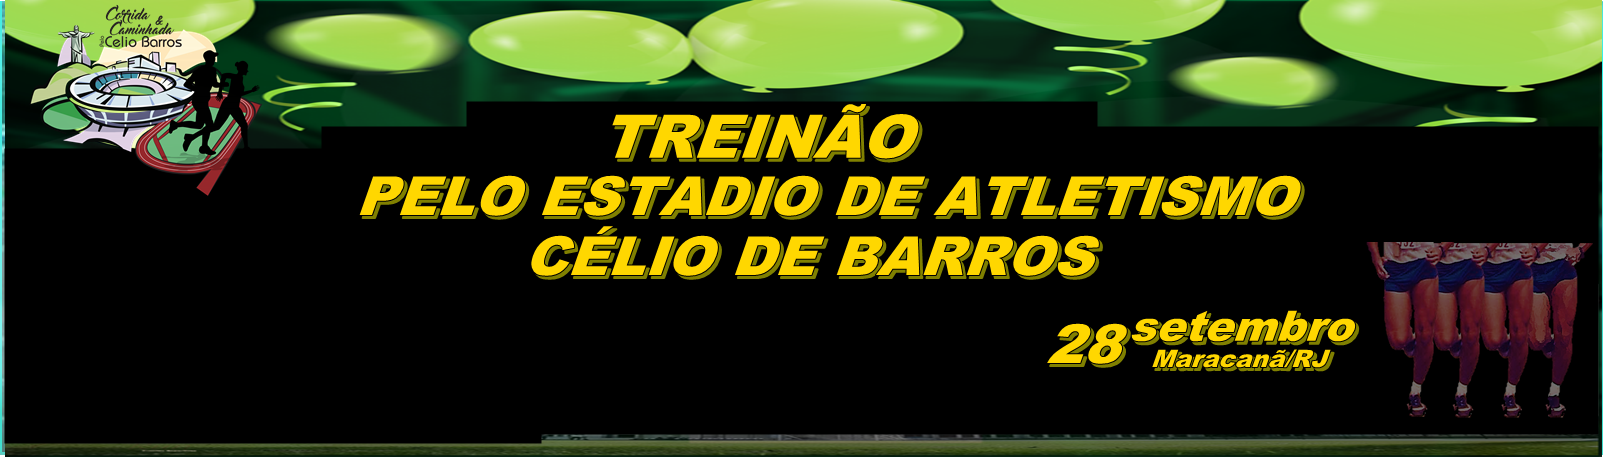 TREINÃO NO MARACANÃ, PELO ESTÁDIO DE ATLETISMO CÉLIO DE BARROS